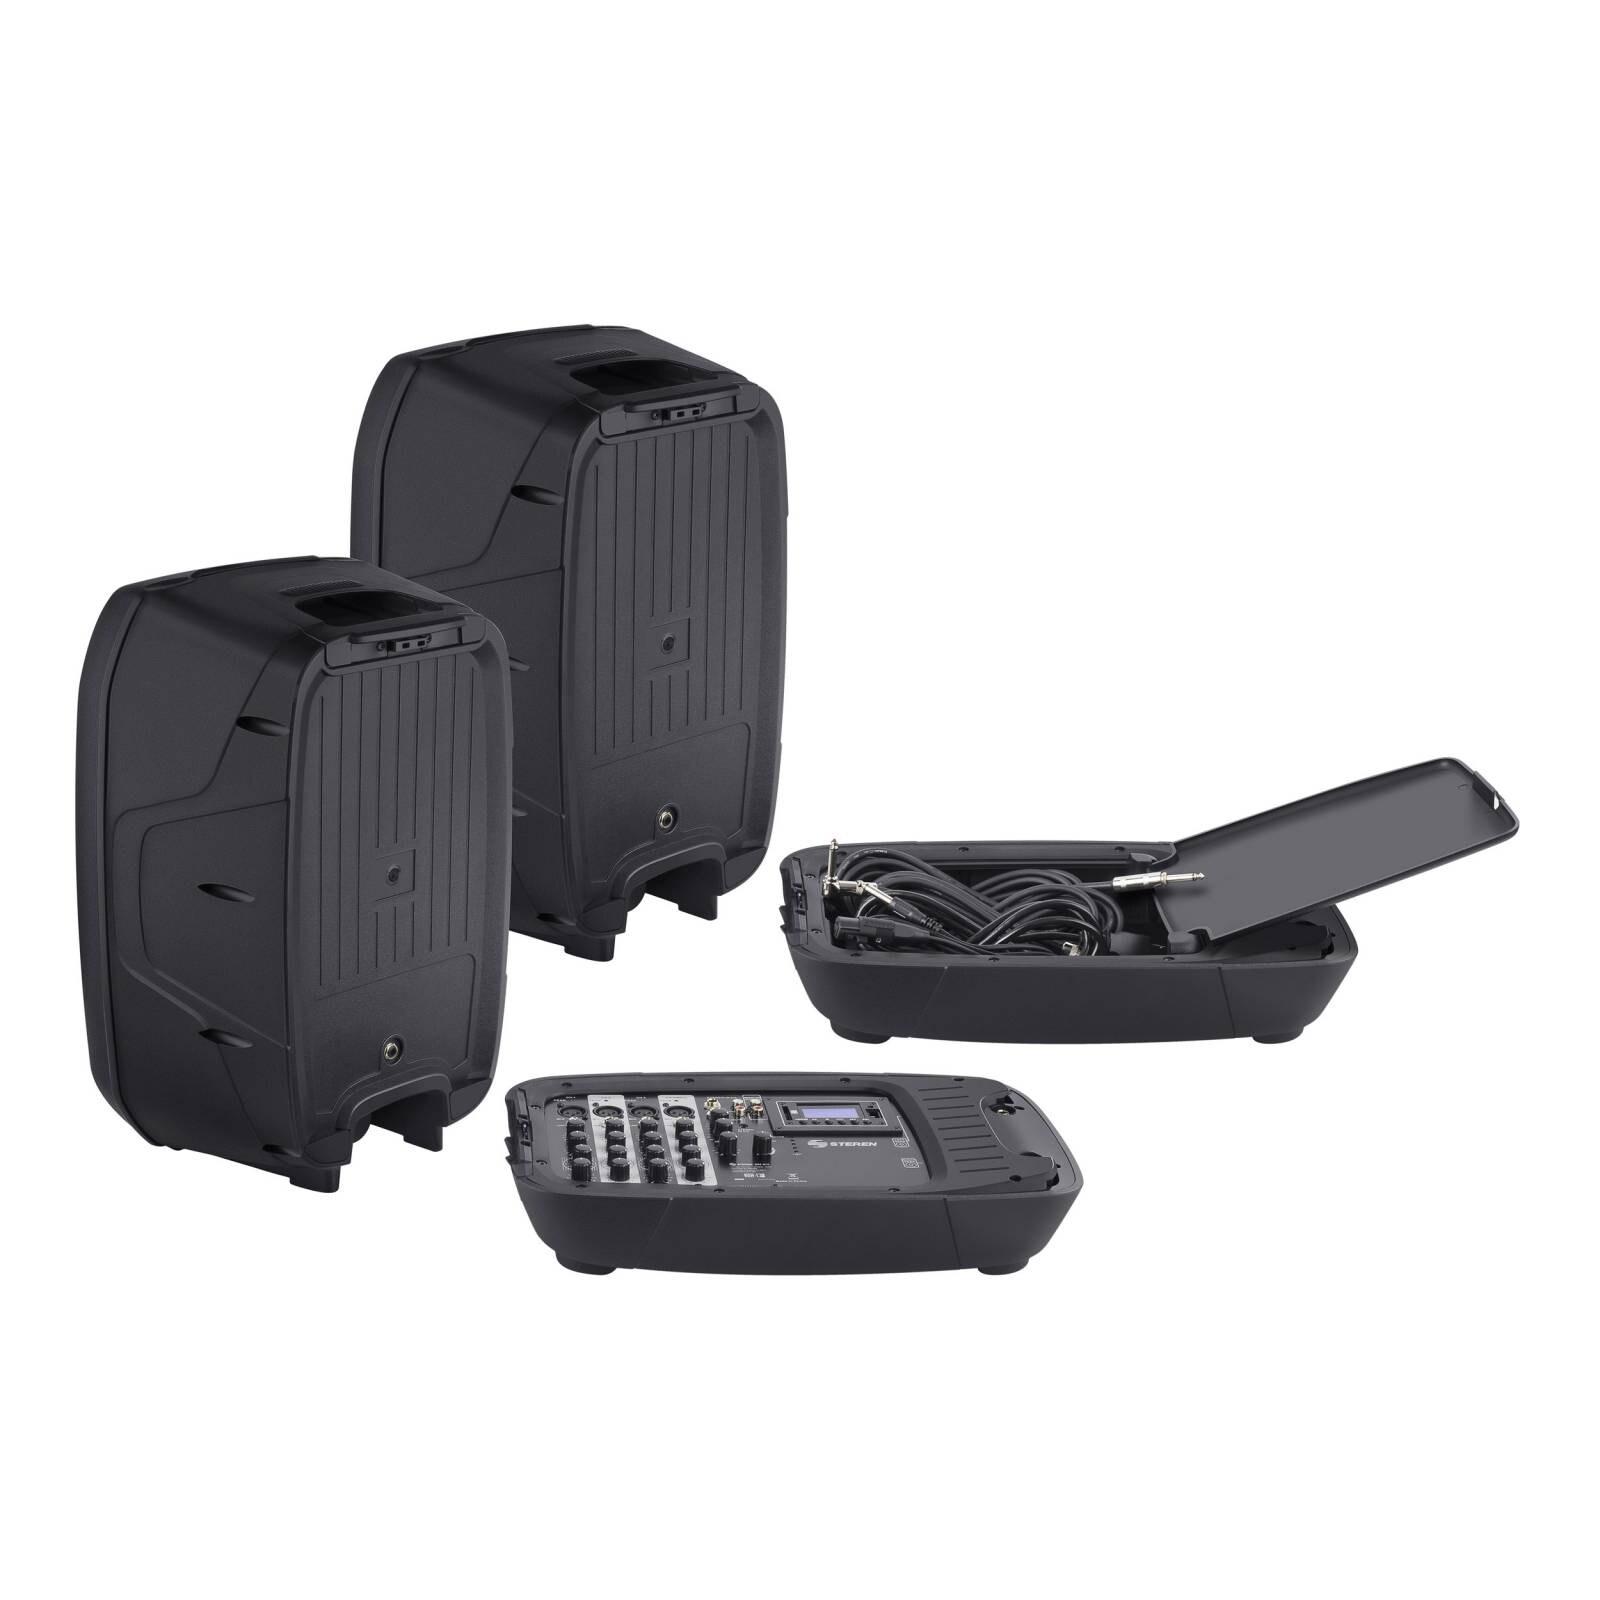 Sistema profesional portátil de publidifusión, con Bluetooth y reproductor MP3, 2800 WPMPO